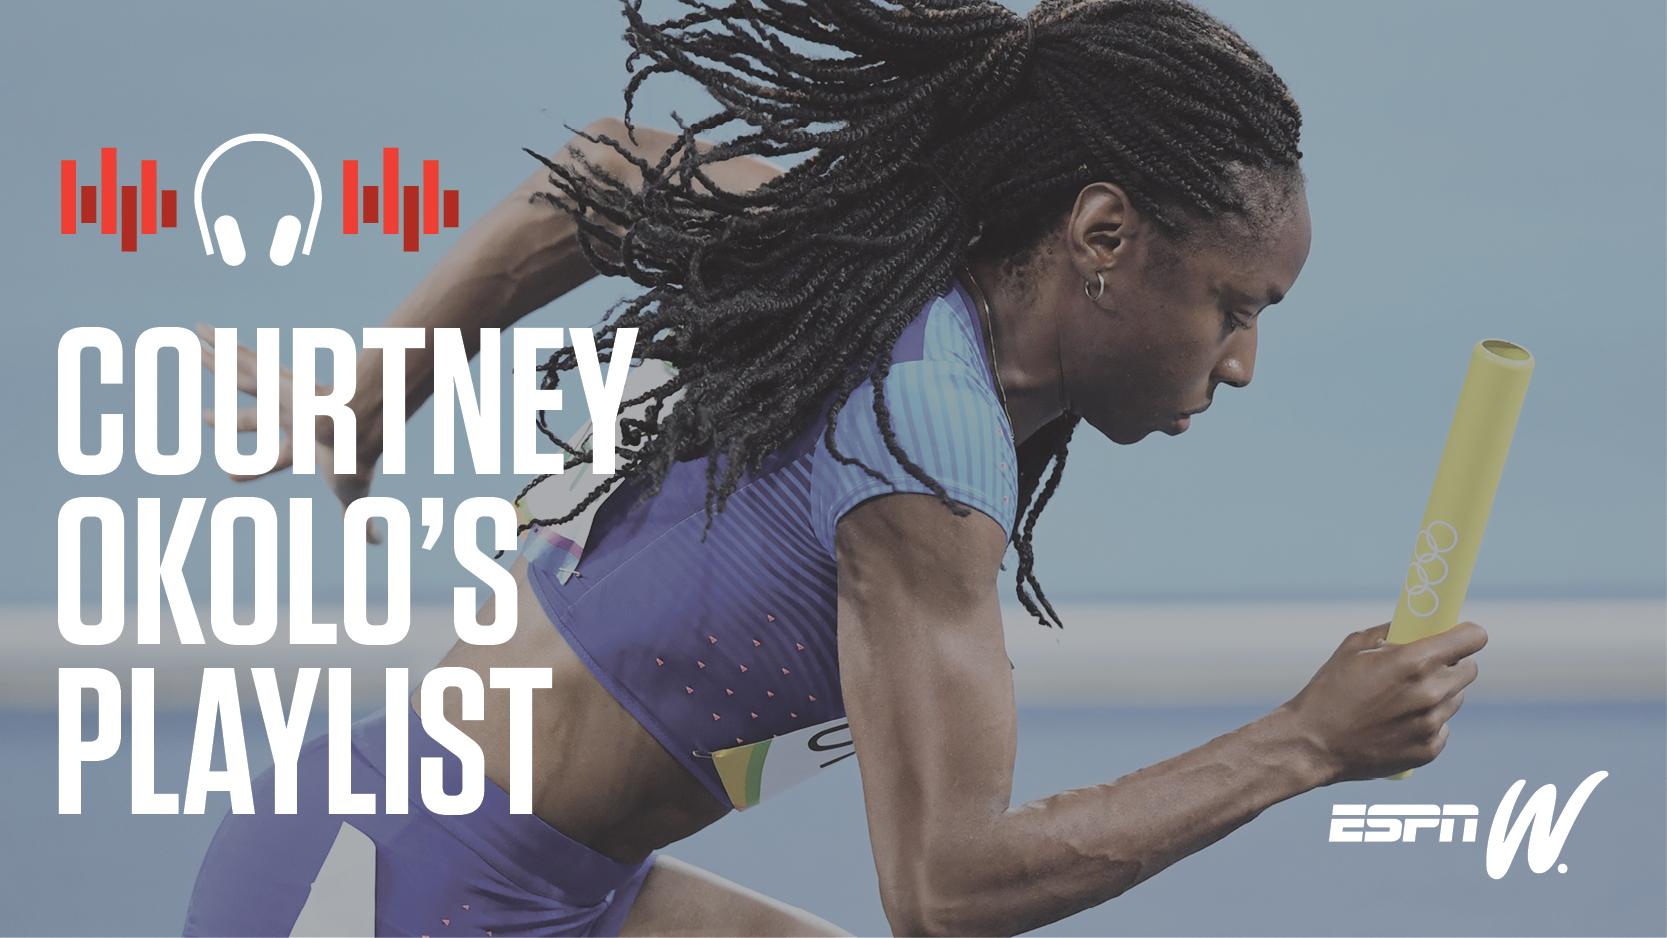 espnW Spotify Playlist - Courtney Okolo